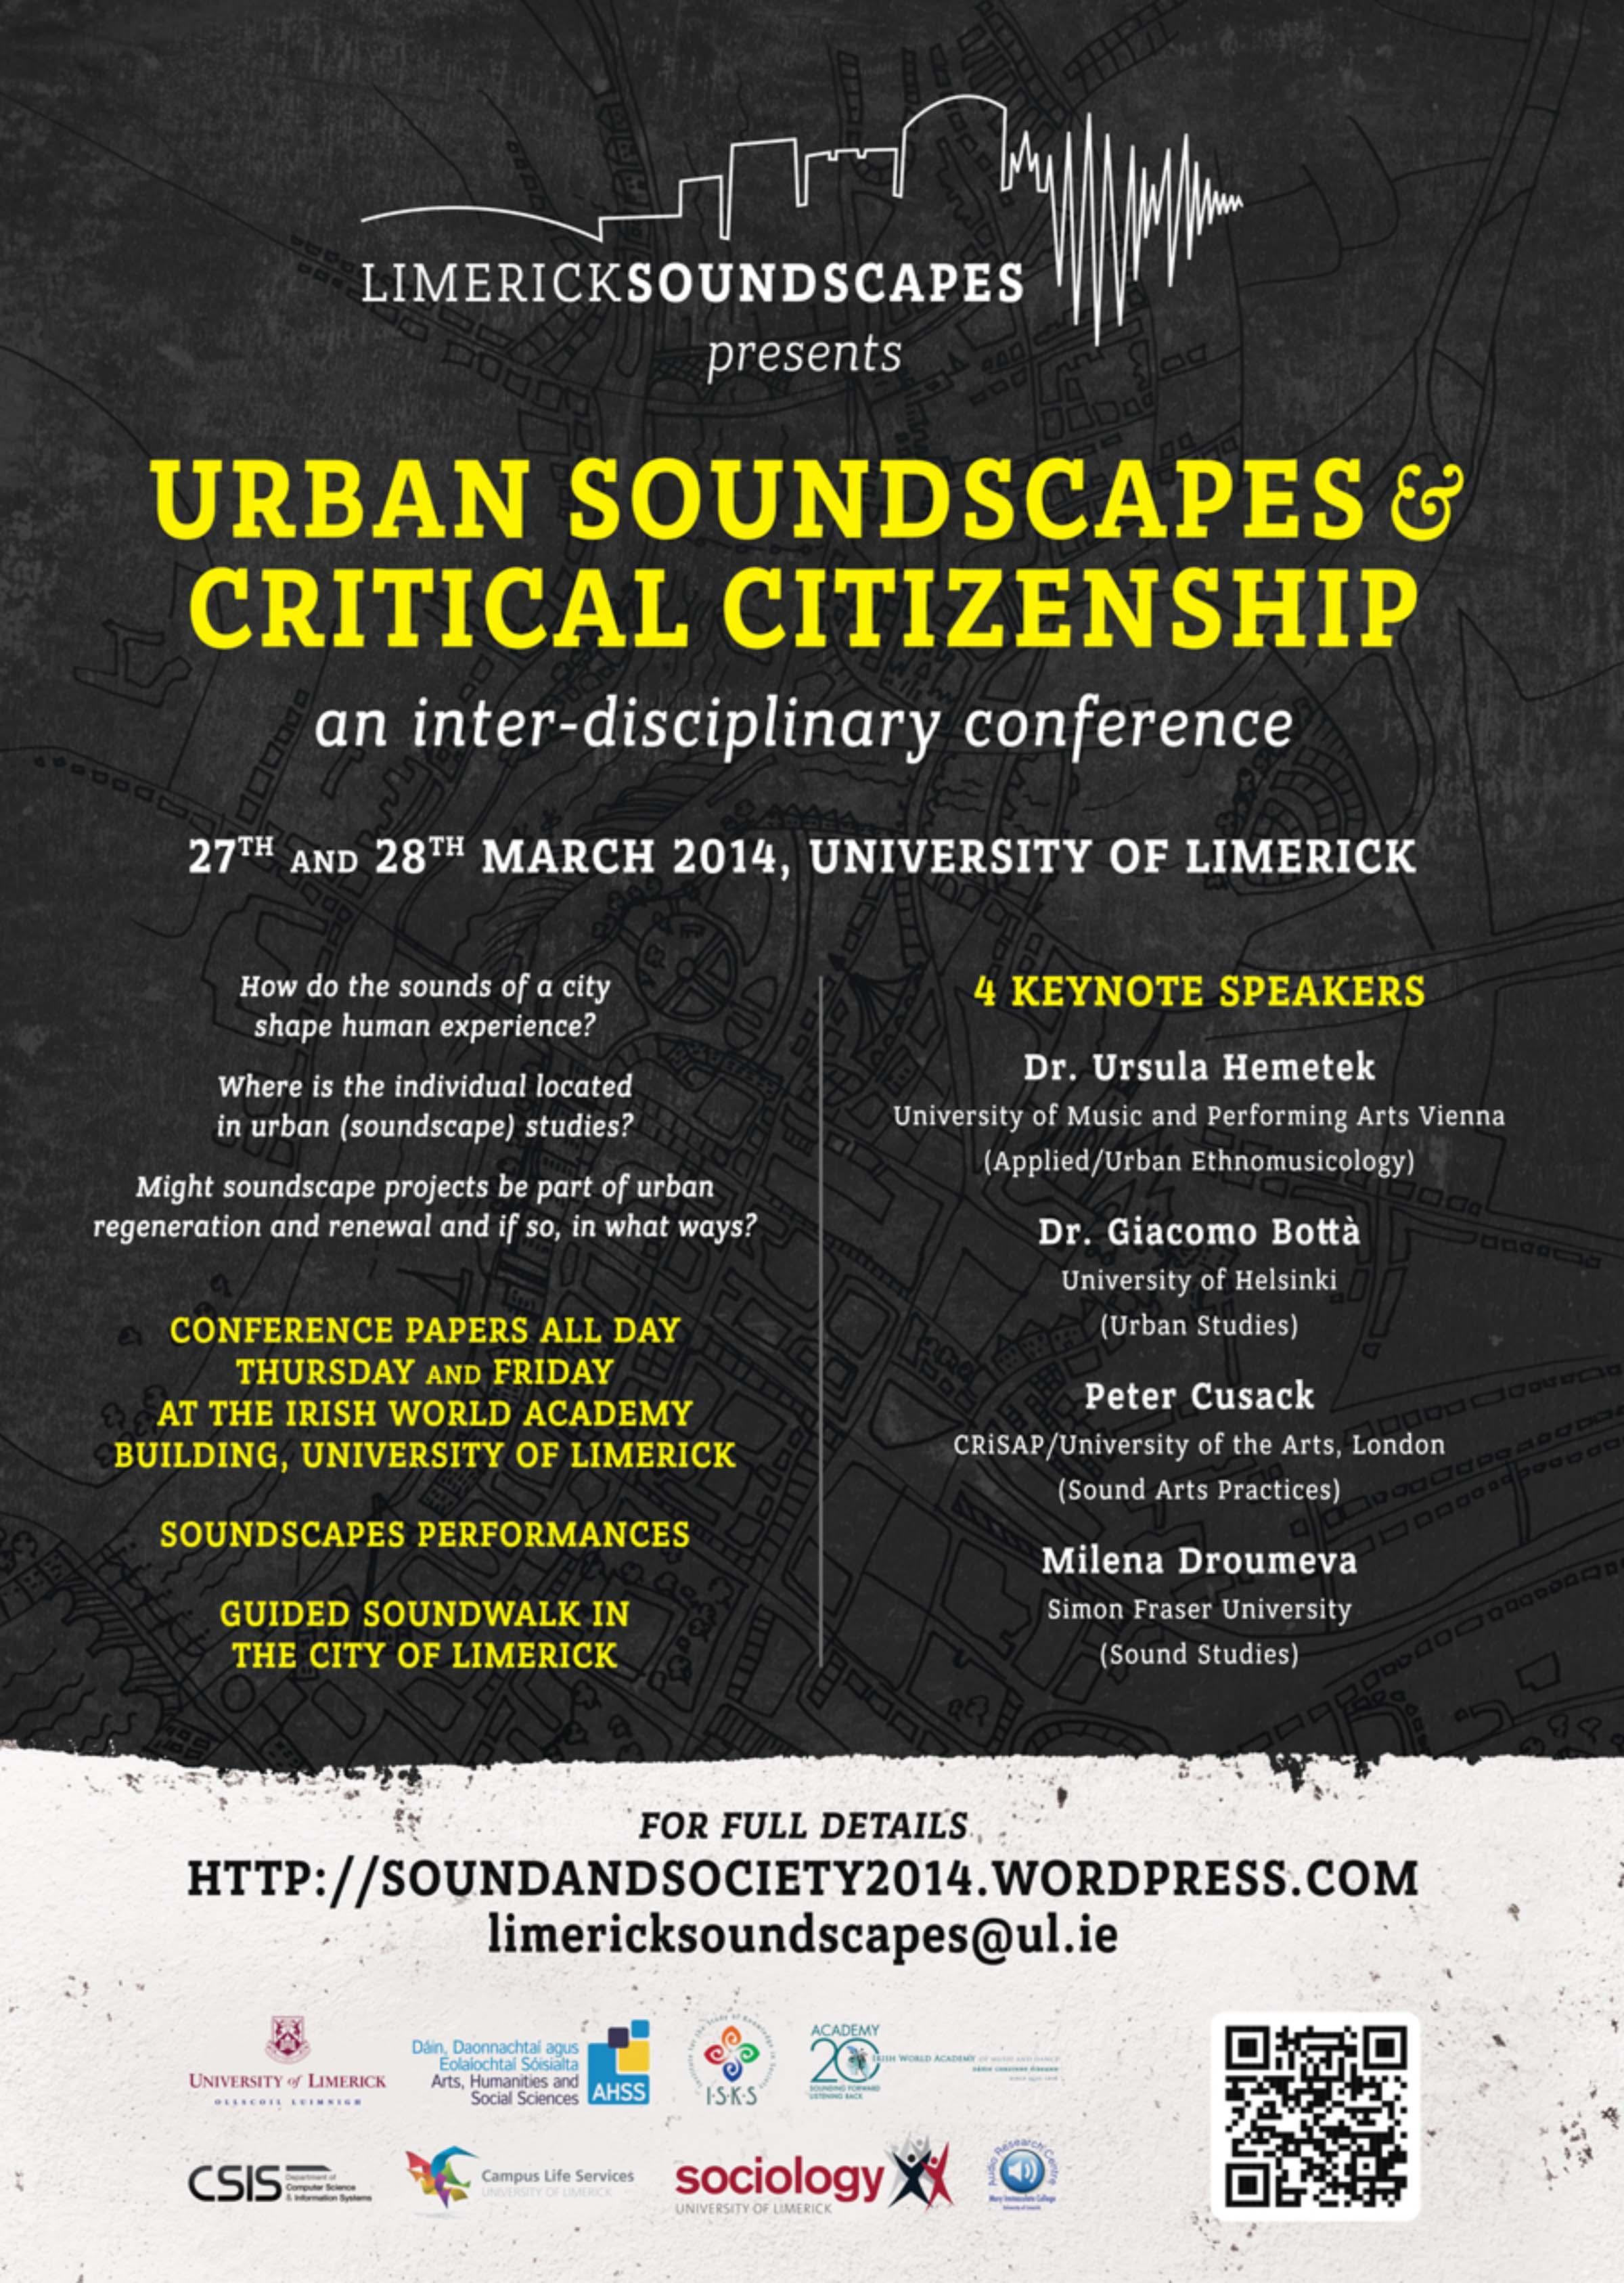 LimerickSoundscapes-poster-ForWebUse-900px.jpg